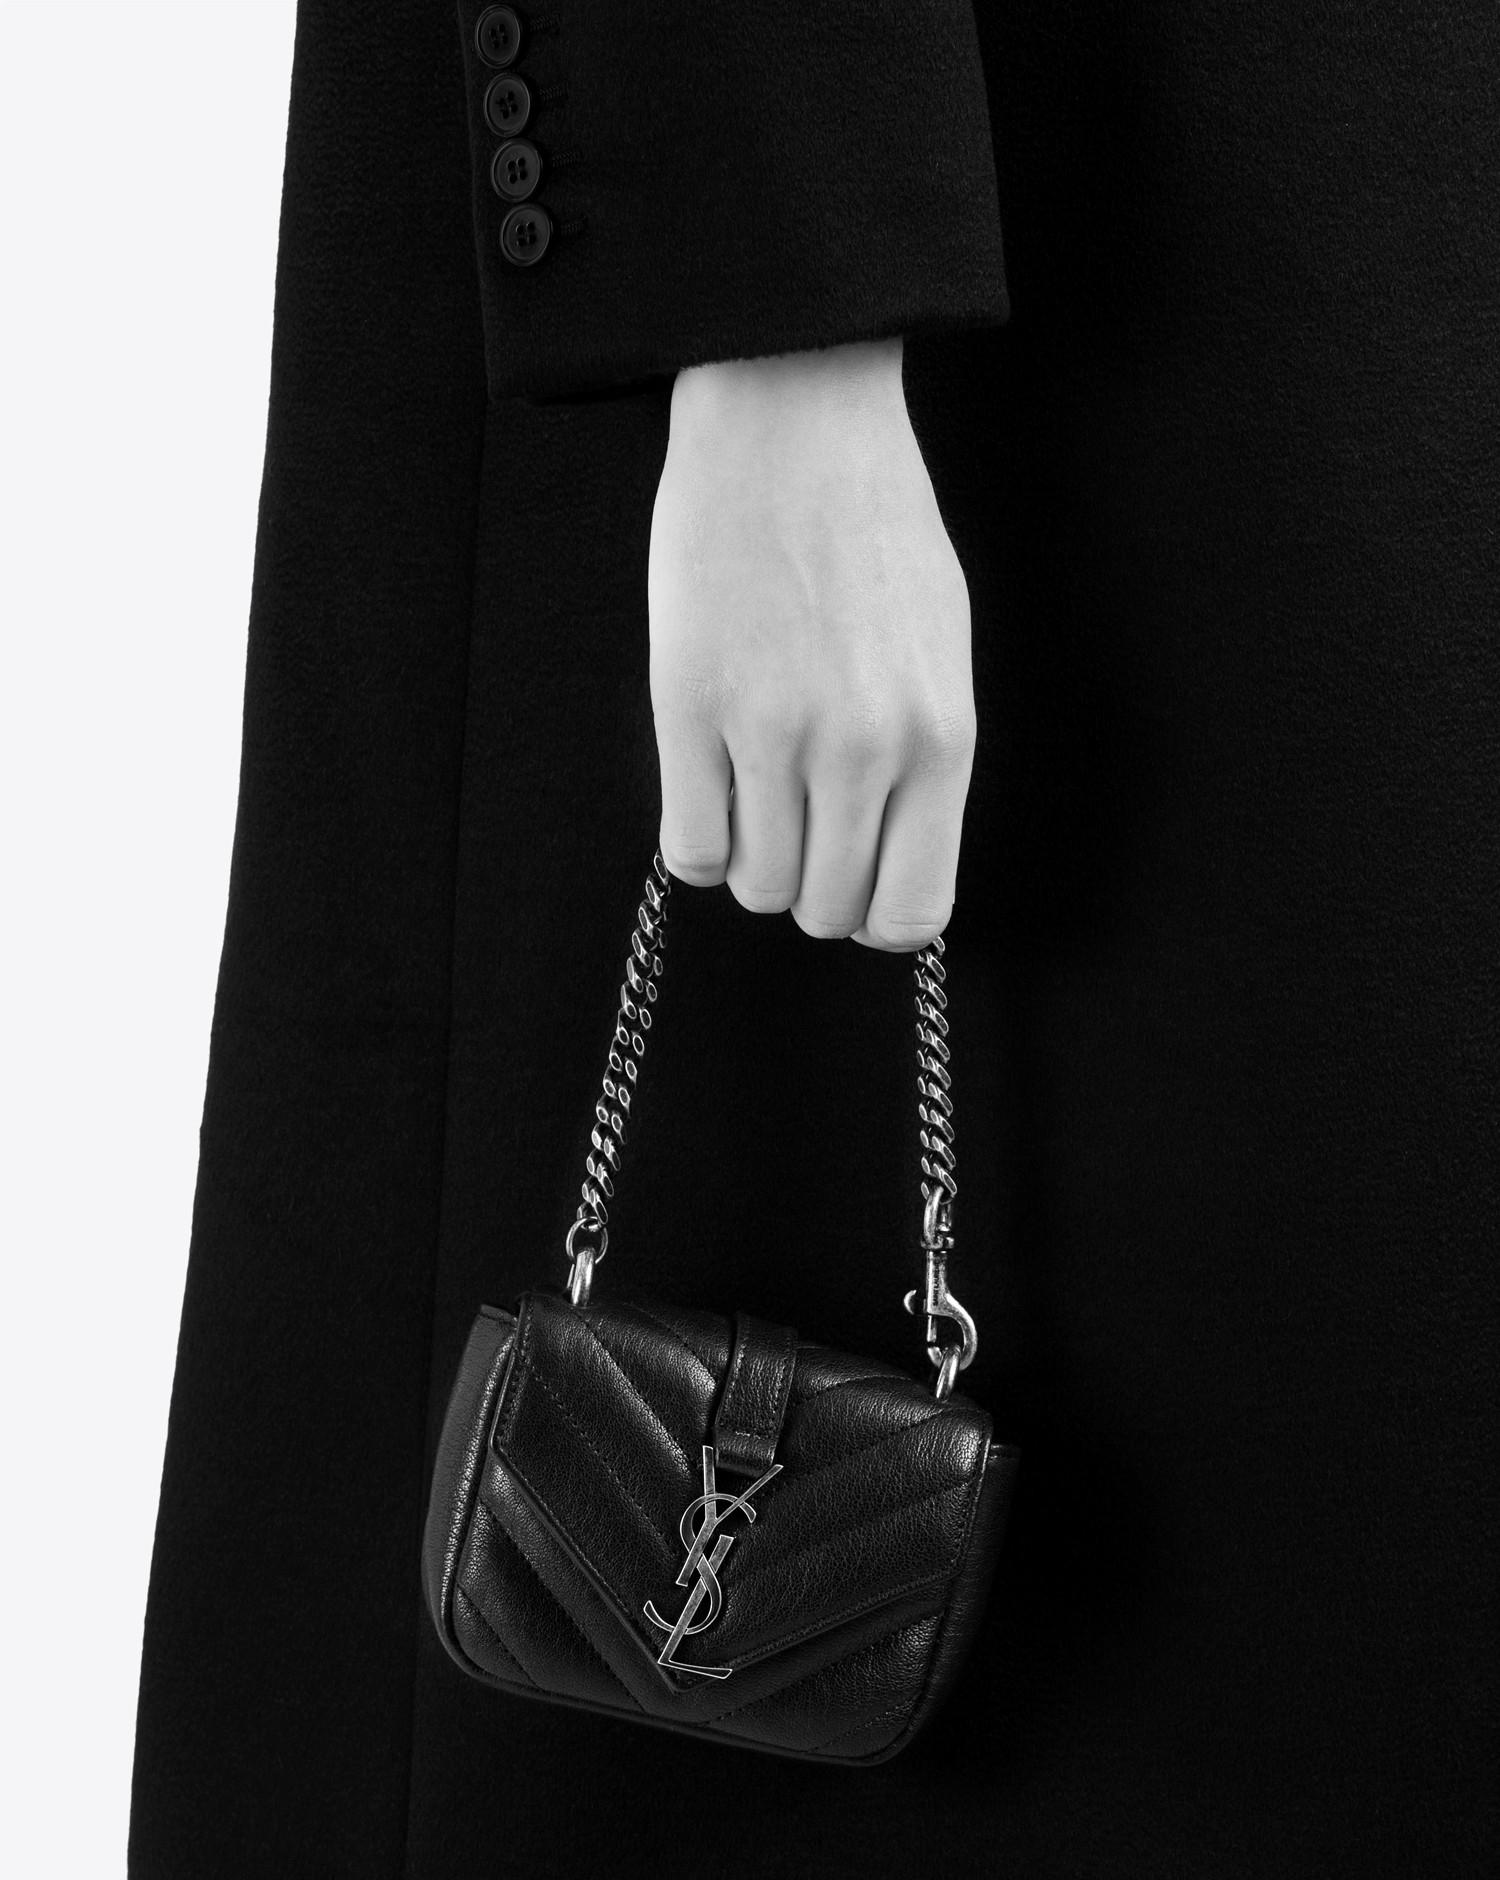 6eec6919db56 Lyst - Saint Laurent Mini College Bag In Bordeaux Matelassé Leather